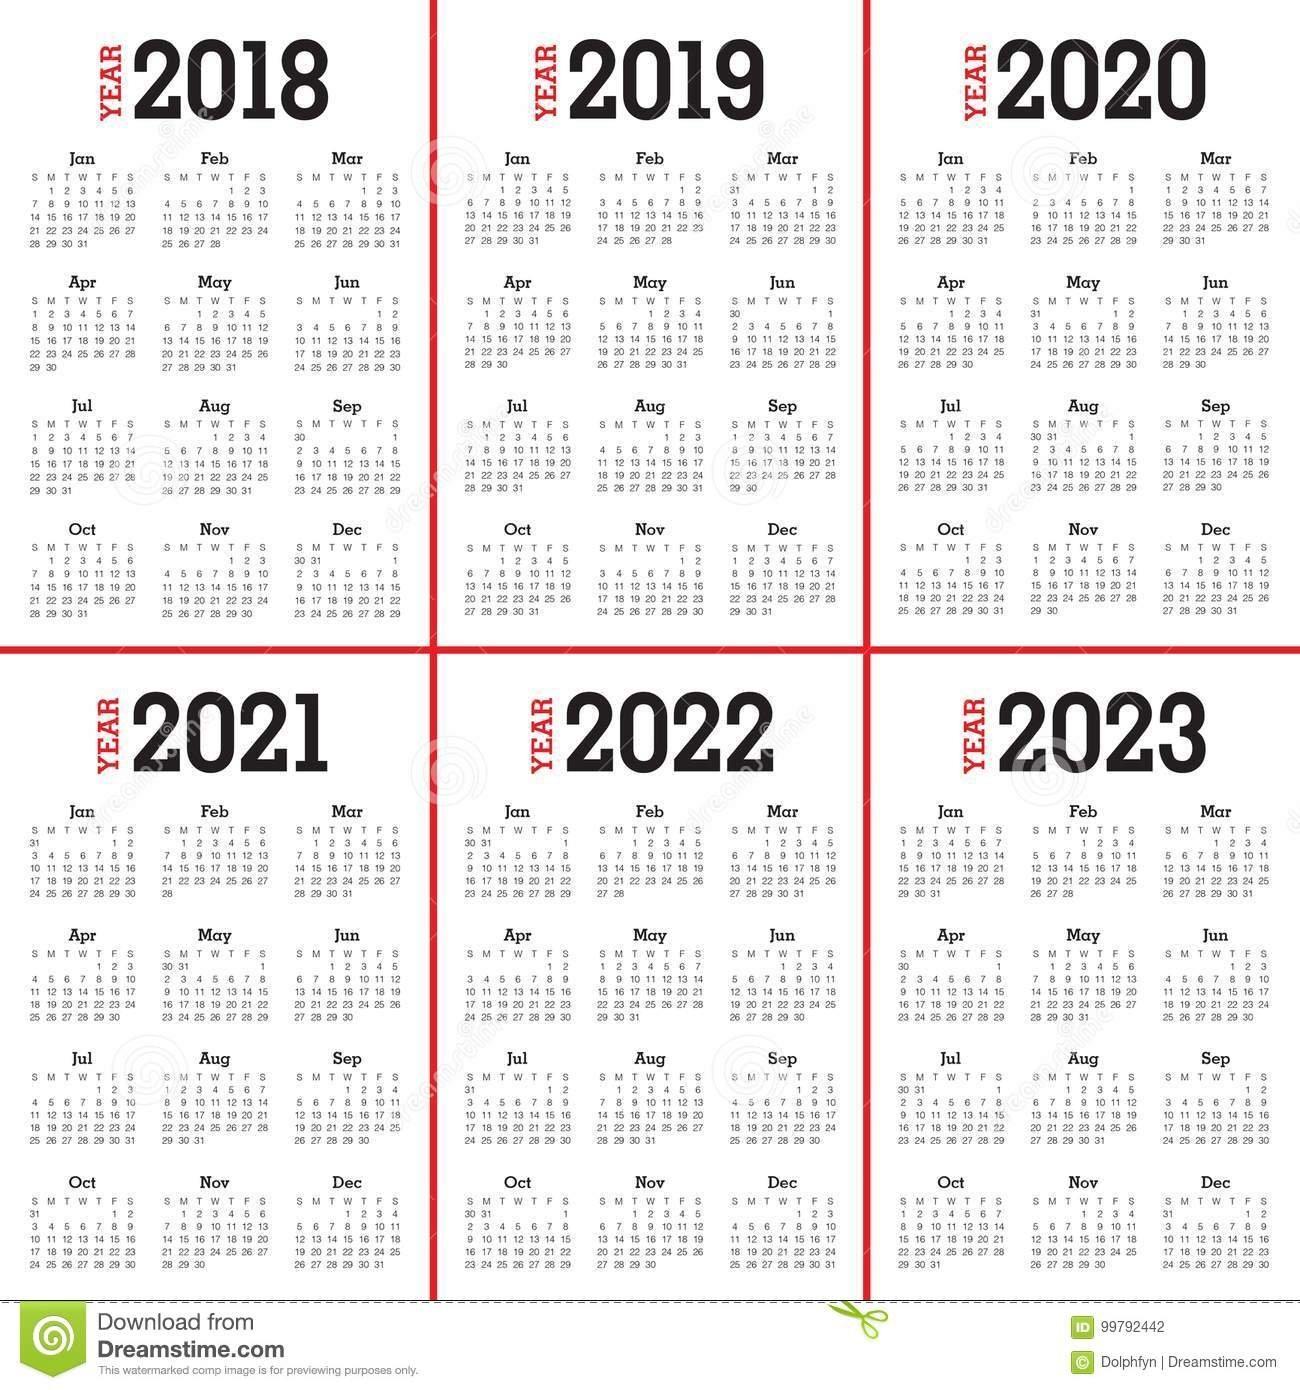 Year 2018 2019 2020 2021 2022 2023 Calendar Vector Stock Vector 3 Year Calendar 2019 To 2021